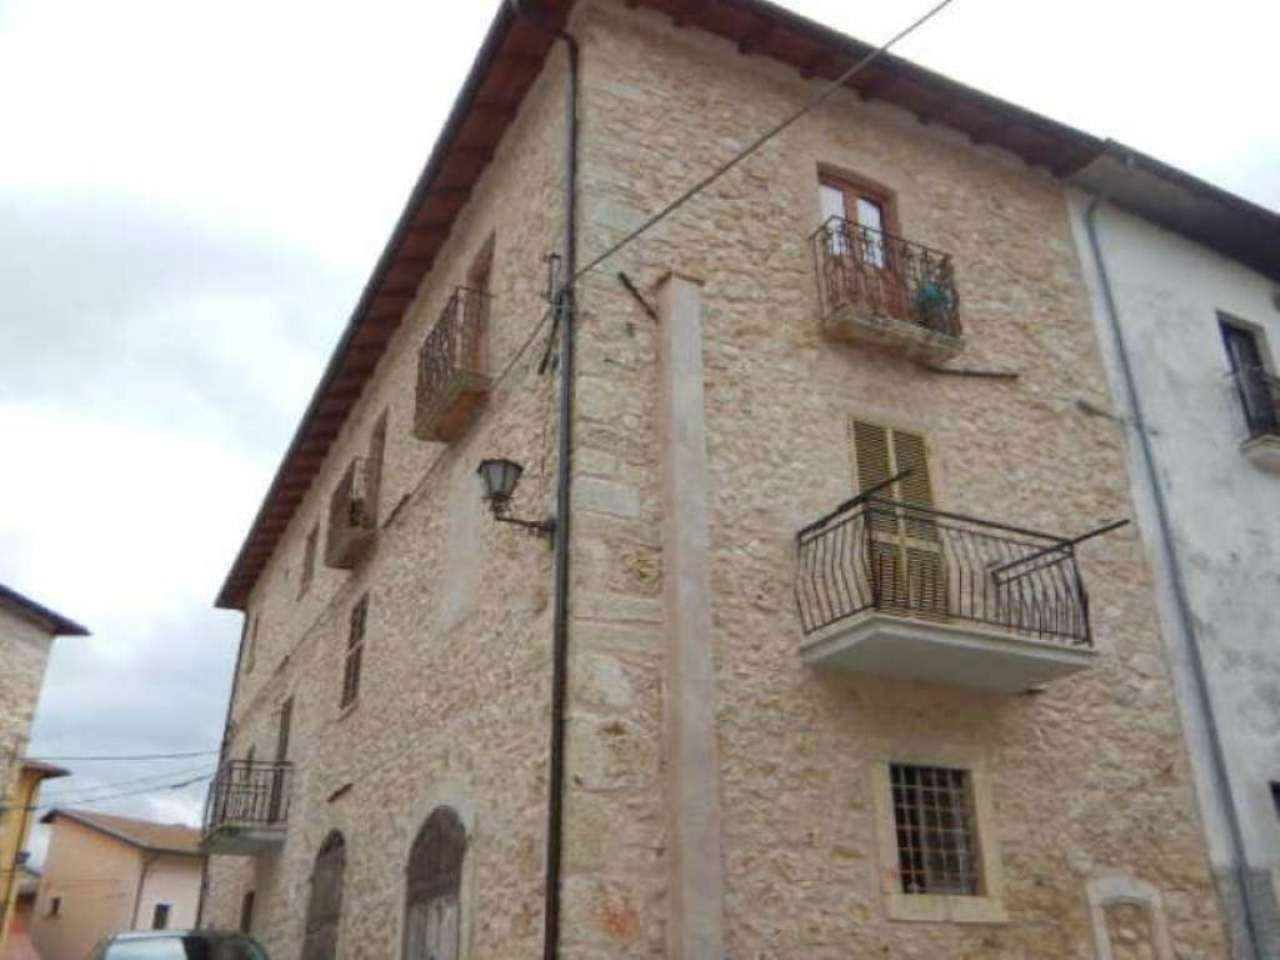 Appartamento in vendita a Borgorose, 3 locali, prezzo € 49.000 | CambioCasa.it